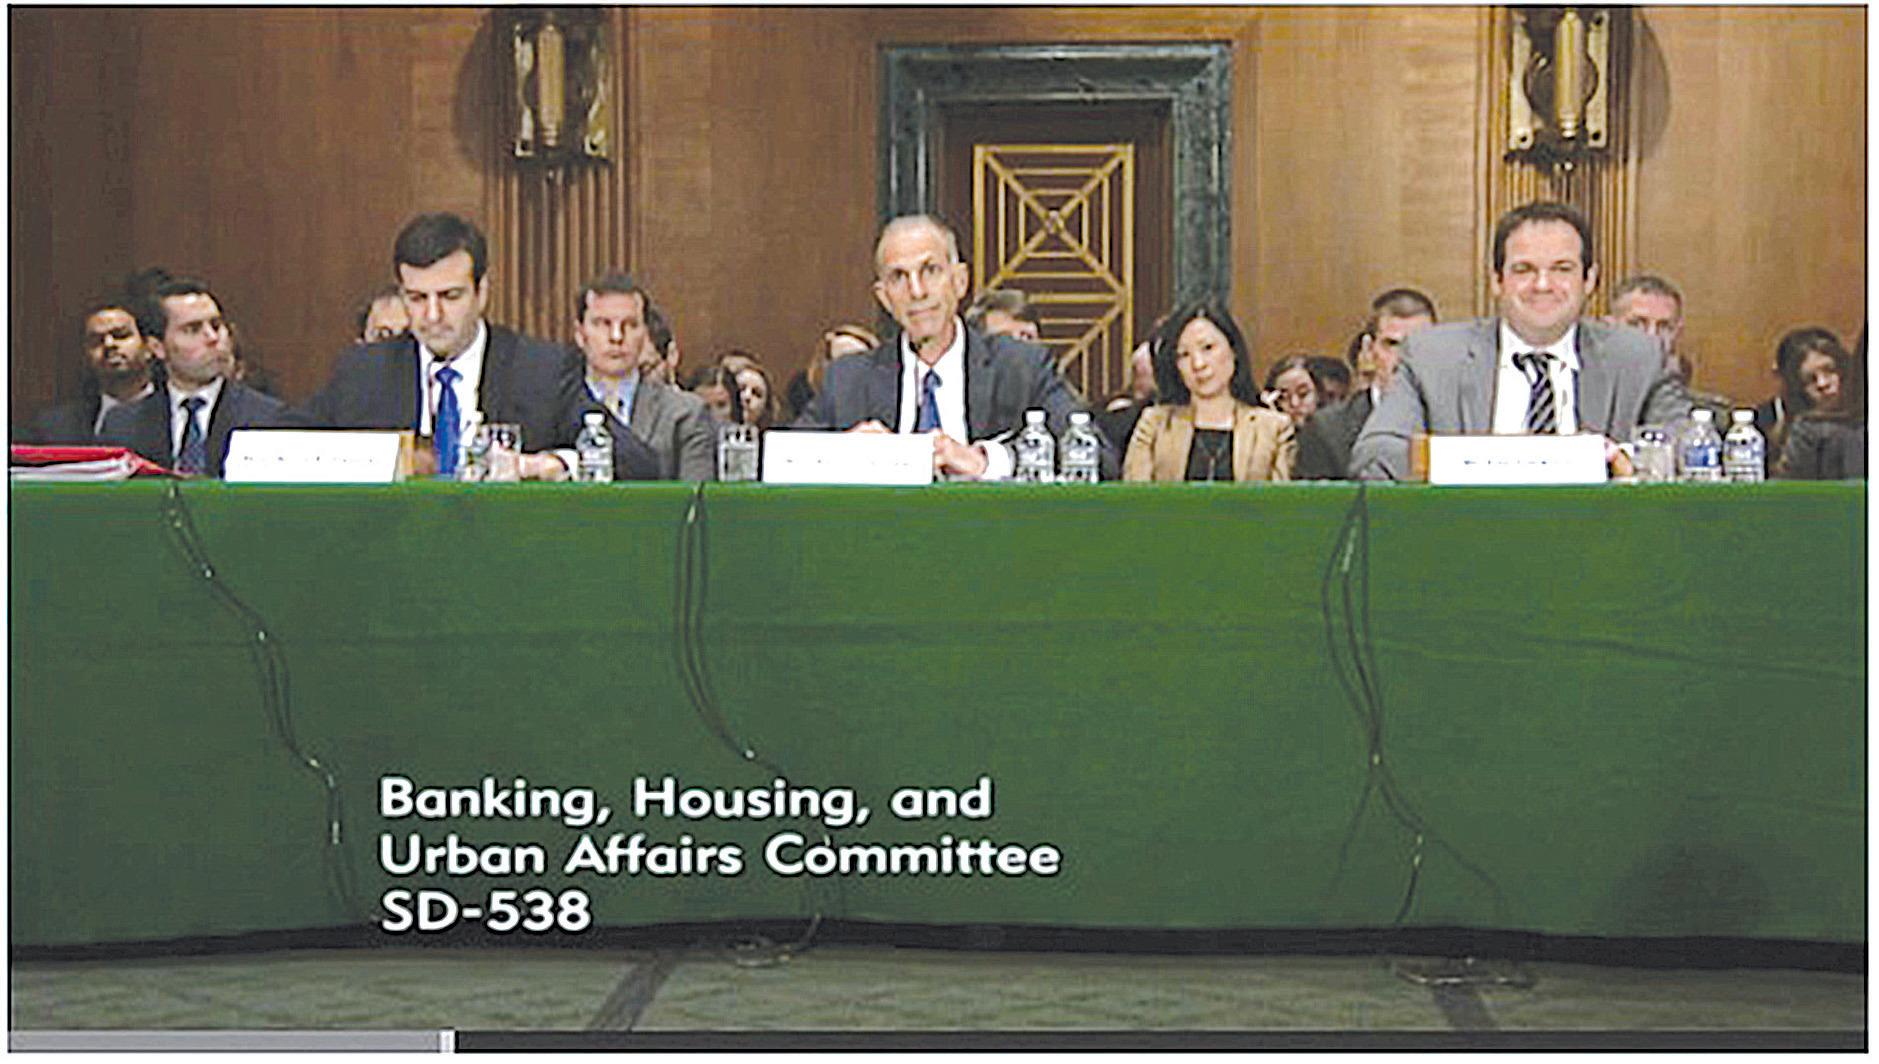 美國會參議院1月25日對改革美國外國投資委員會(CFIUS)進行聽證,來自財政部、國防部以及商務部的3位助理部長出席。(Banking Housing and Urban Affairs Committee聽證會截圖)